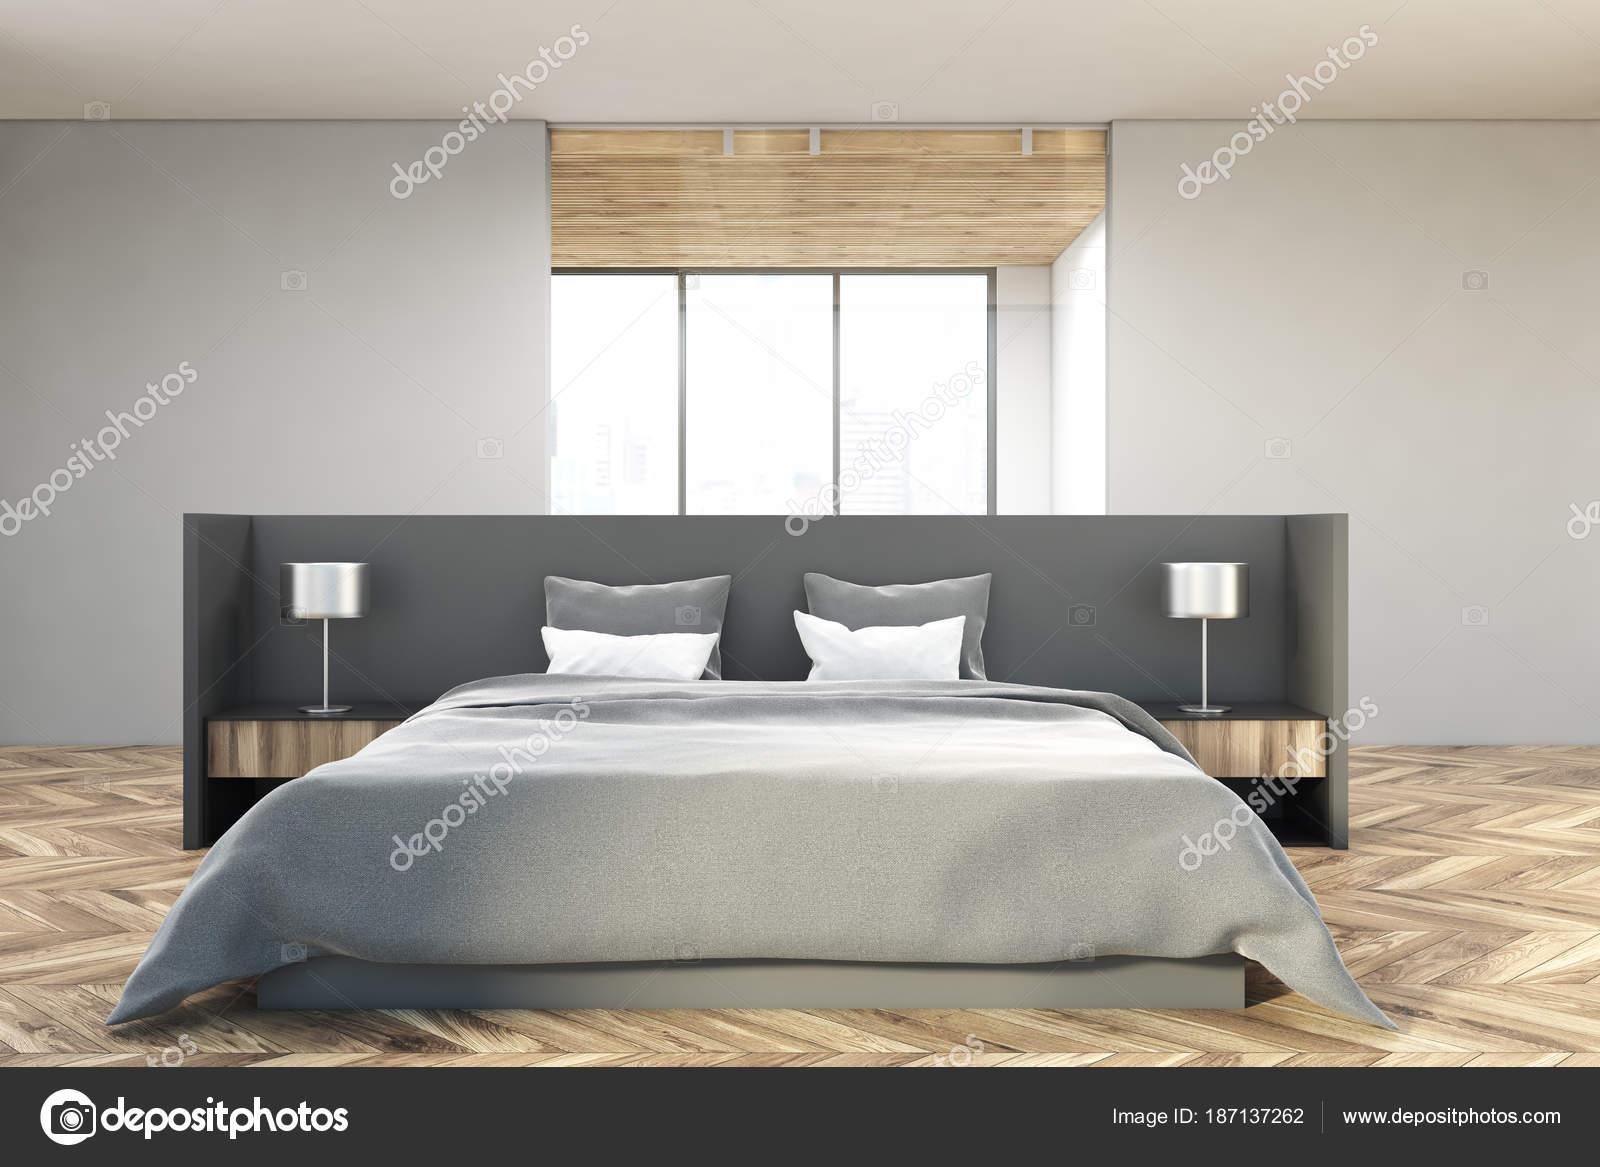 Camera Da Letto Bianco : Interno camera da letto bianco u foto stock denisismagilov